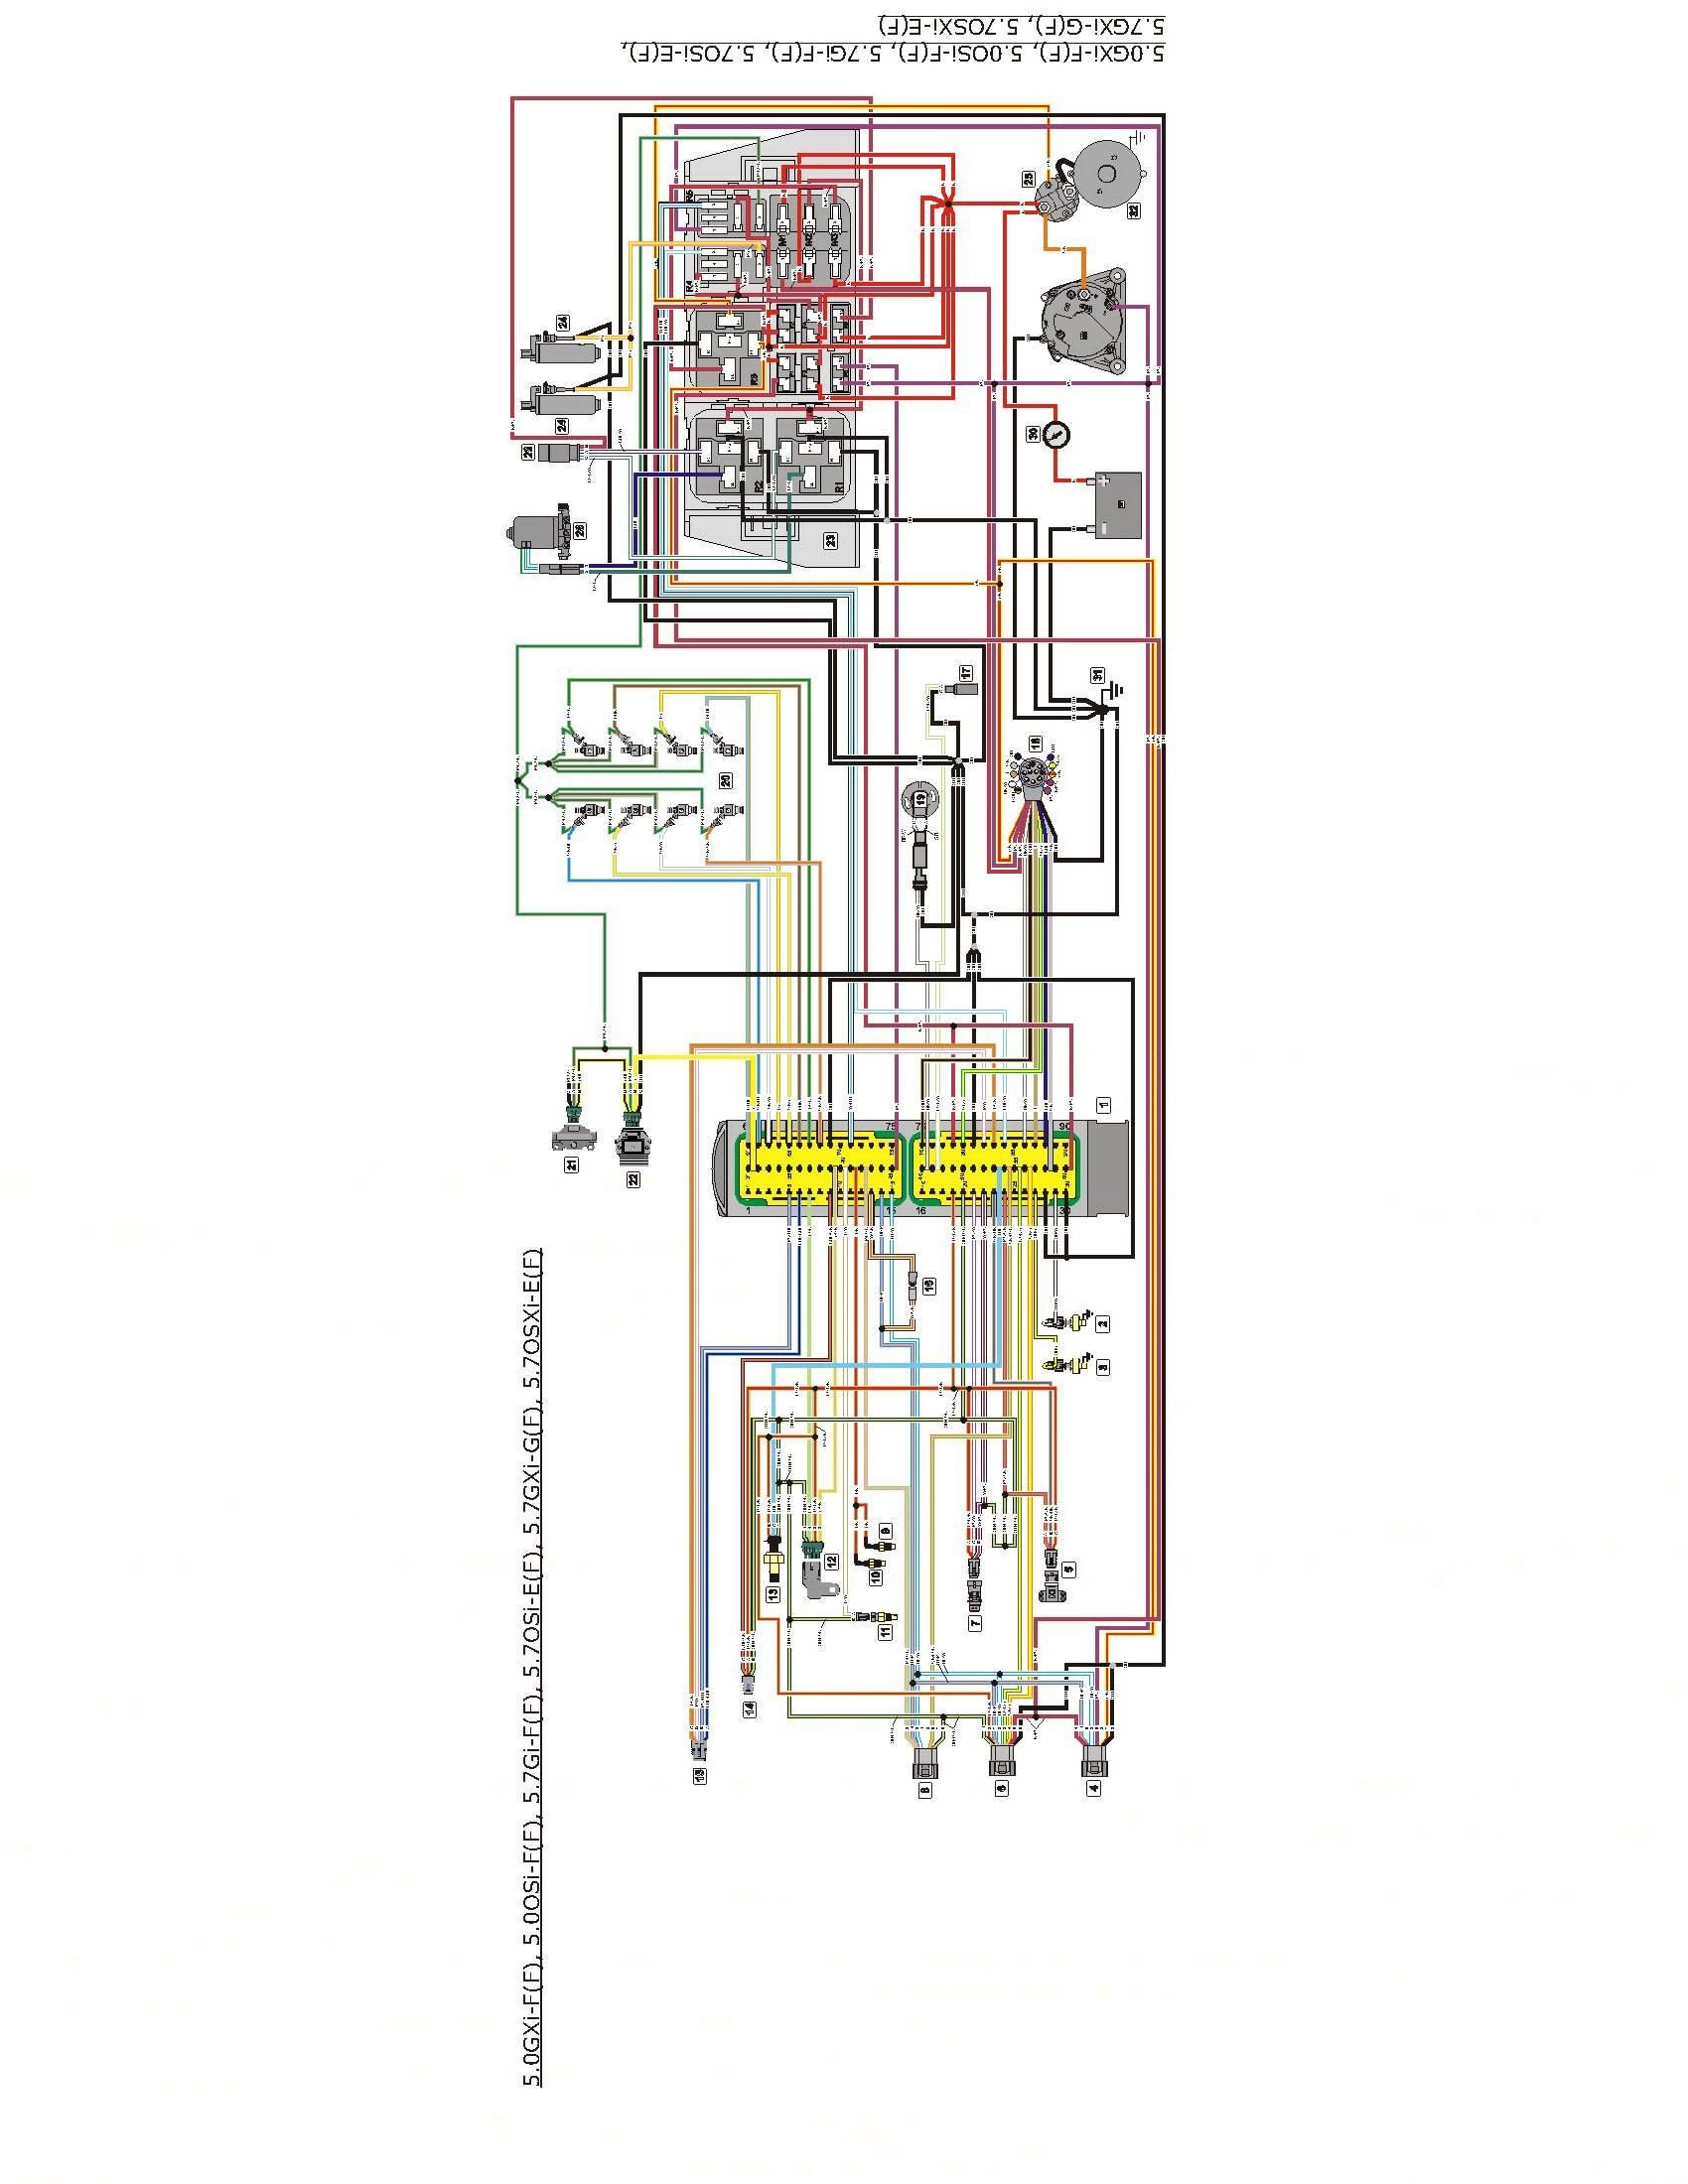 Mercury Outboard Power Trim Wiring Diagram Lovely Wiring Diagram For - Mercury Outboard Power Trim Wiring Diagram